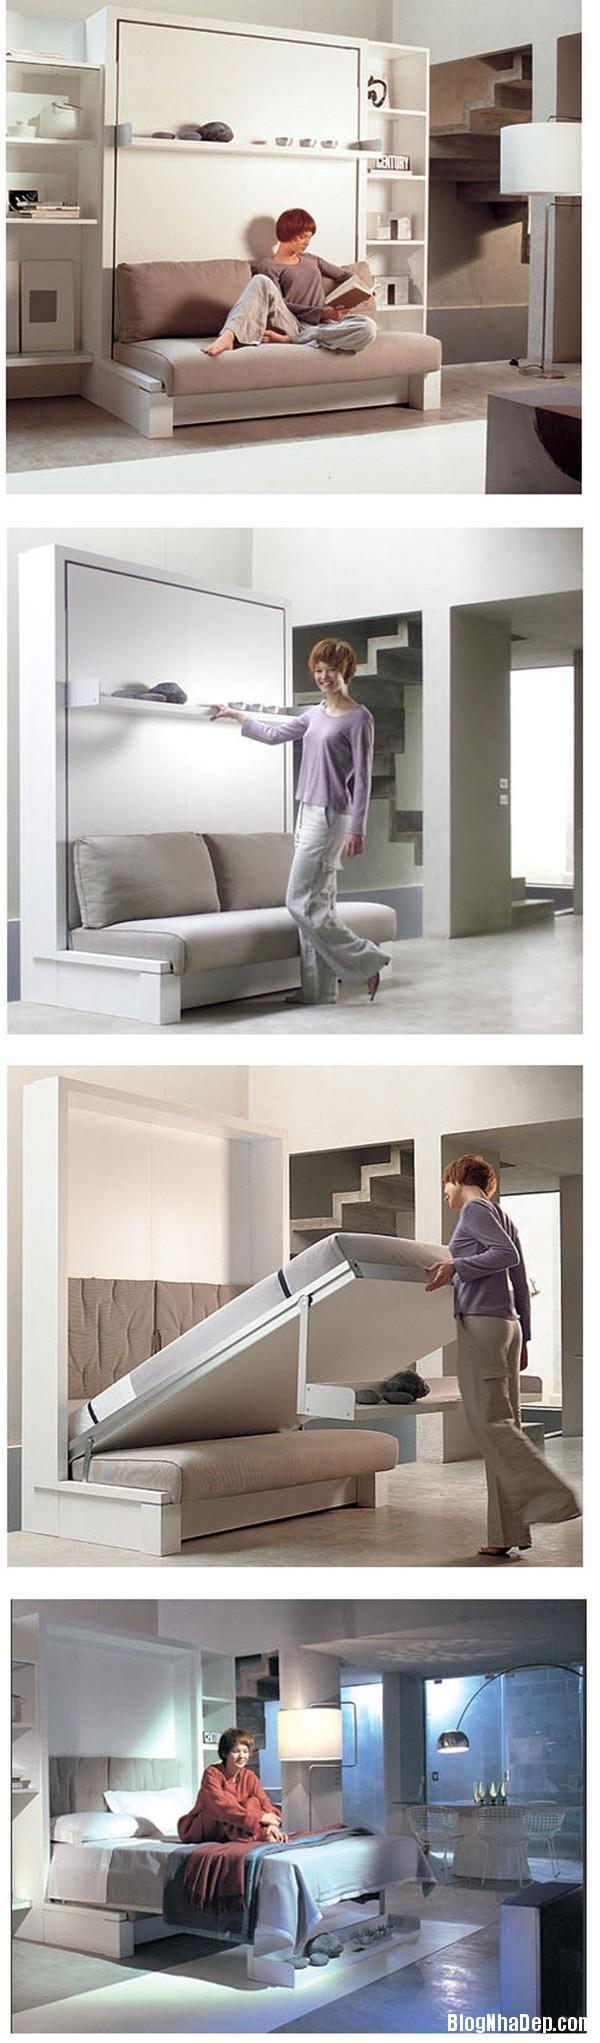 thiet ke nha nho 14 met vuong 5 Tư vấn thiết kế và bài trí nội thất cho ngôi nhà có diện tích 14,4 mét vuông